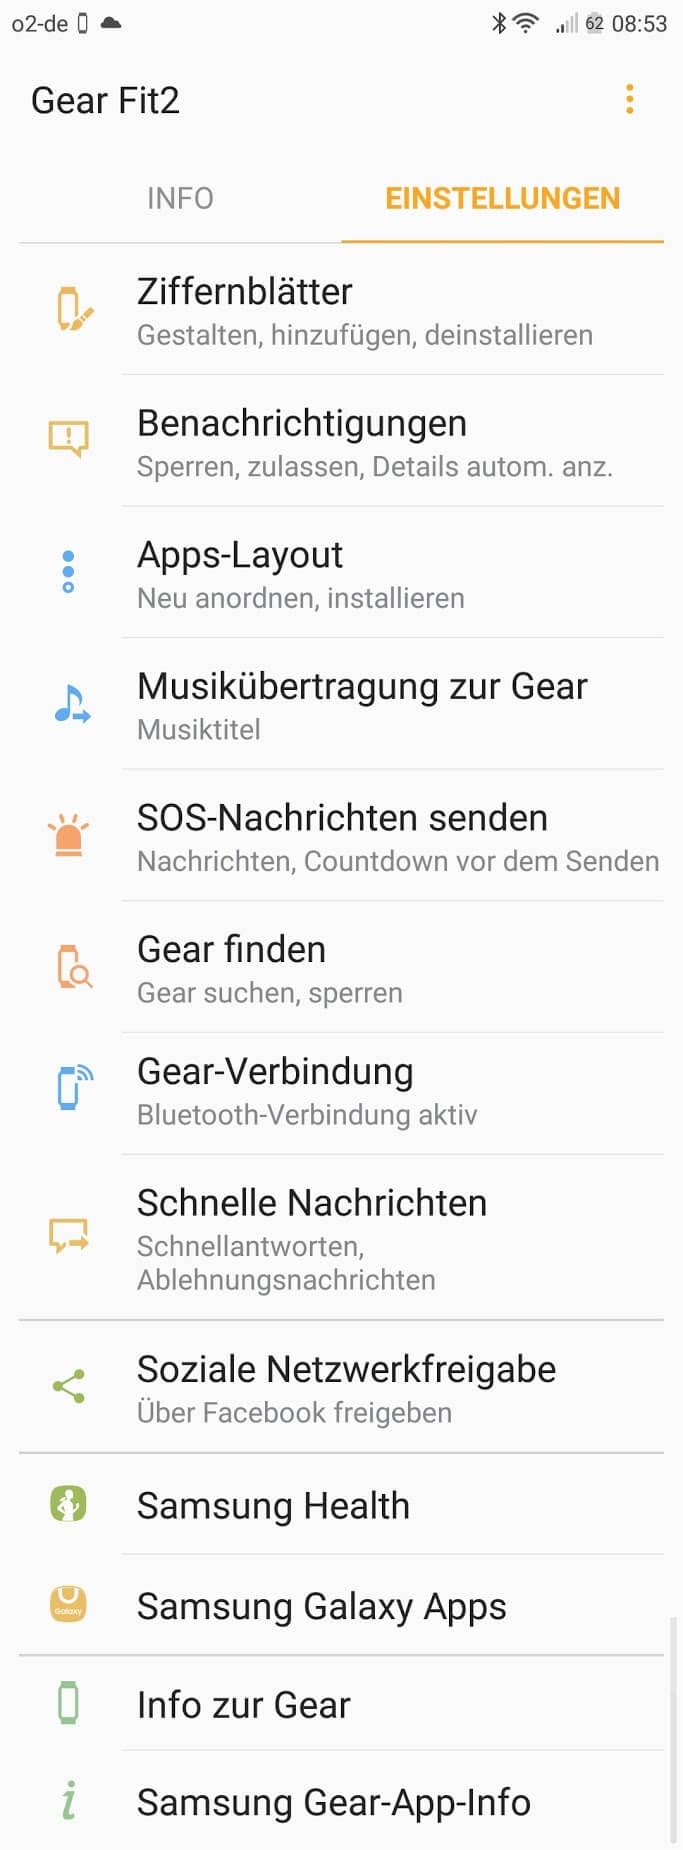 Gear Fit 2 Update R360XXU1DQE6 gestartet: SOS-Nachrichten und Standort-Tracking hinzugefügt 9 techboys.de • smarte News, auf den Punkt! Gear Fit 2 Update R360XXU1DQE6 gestartet: SOS-Nachrichten und Standort-Tracking hinzugefügt